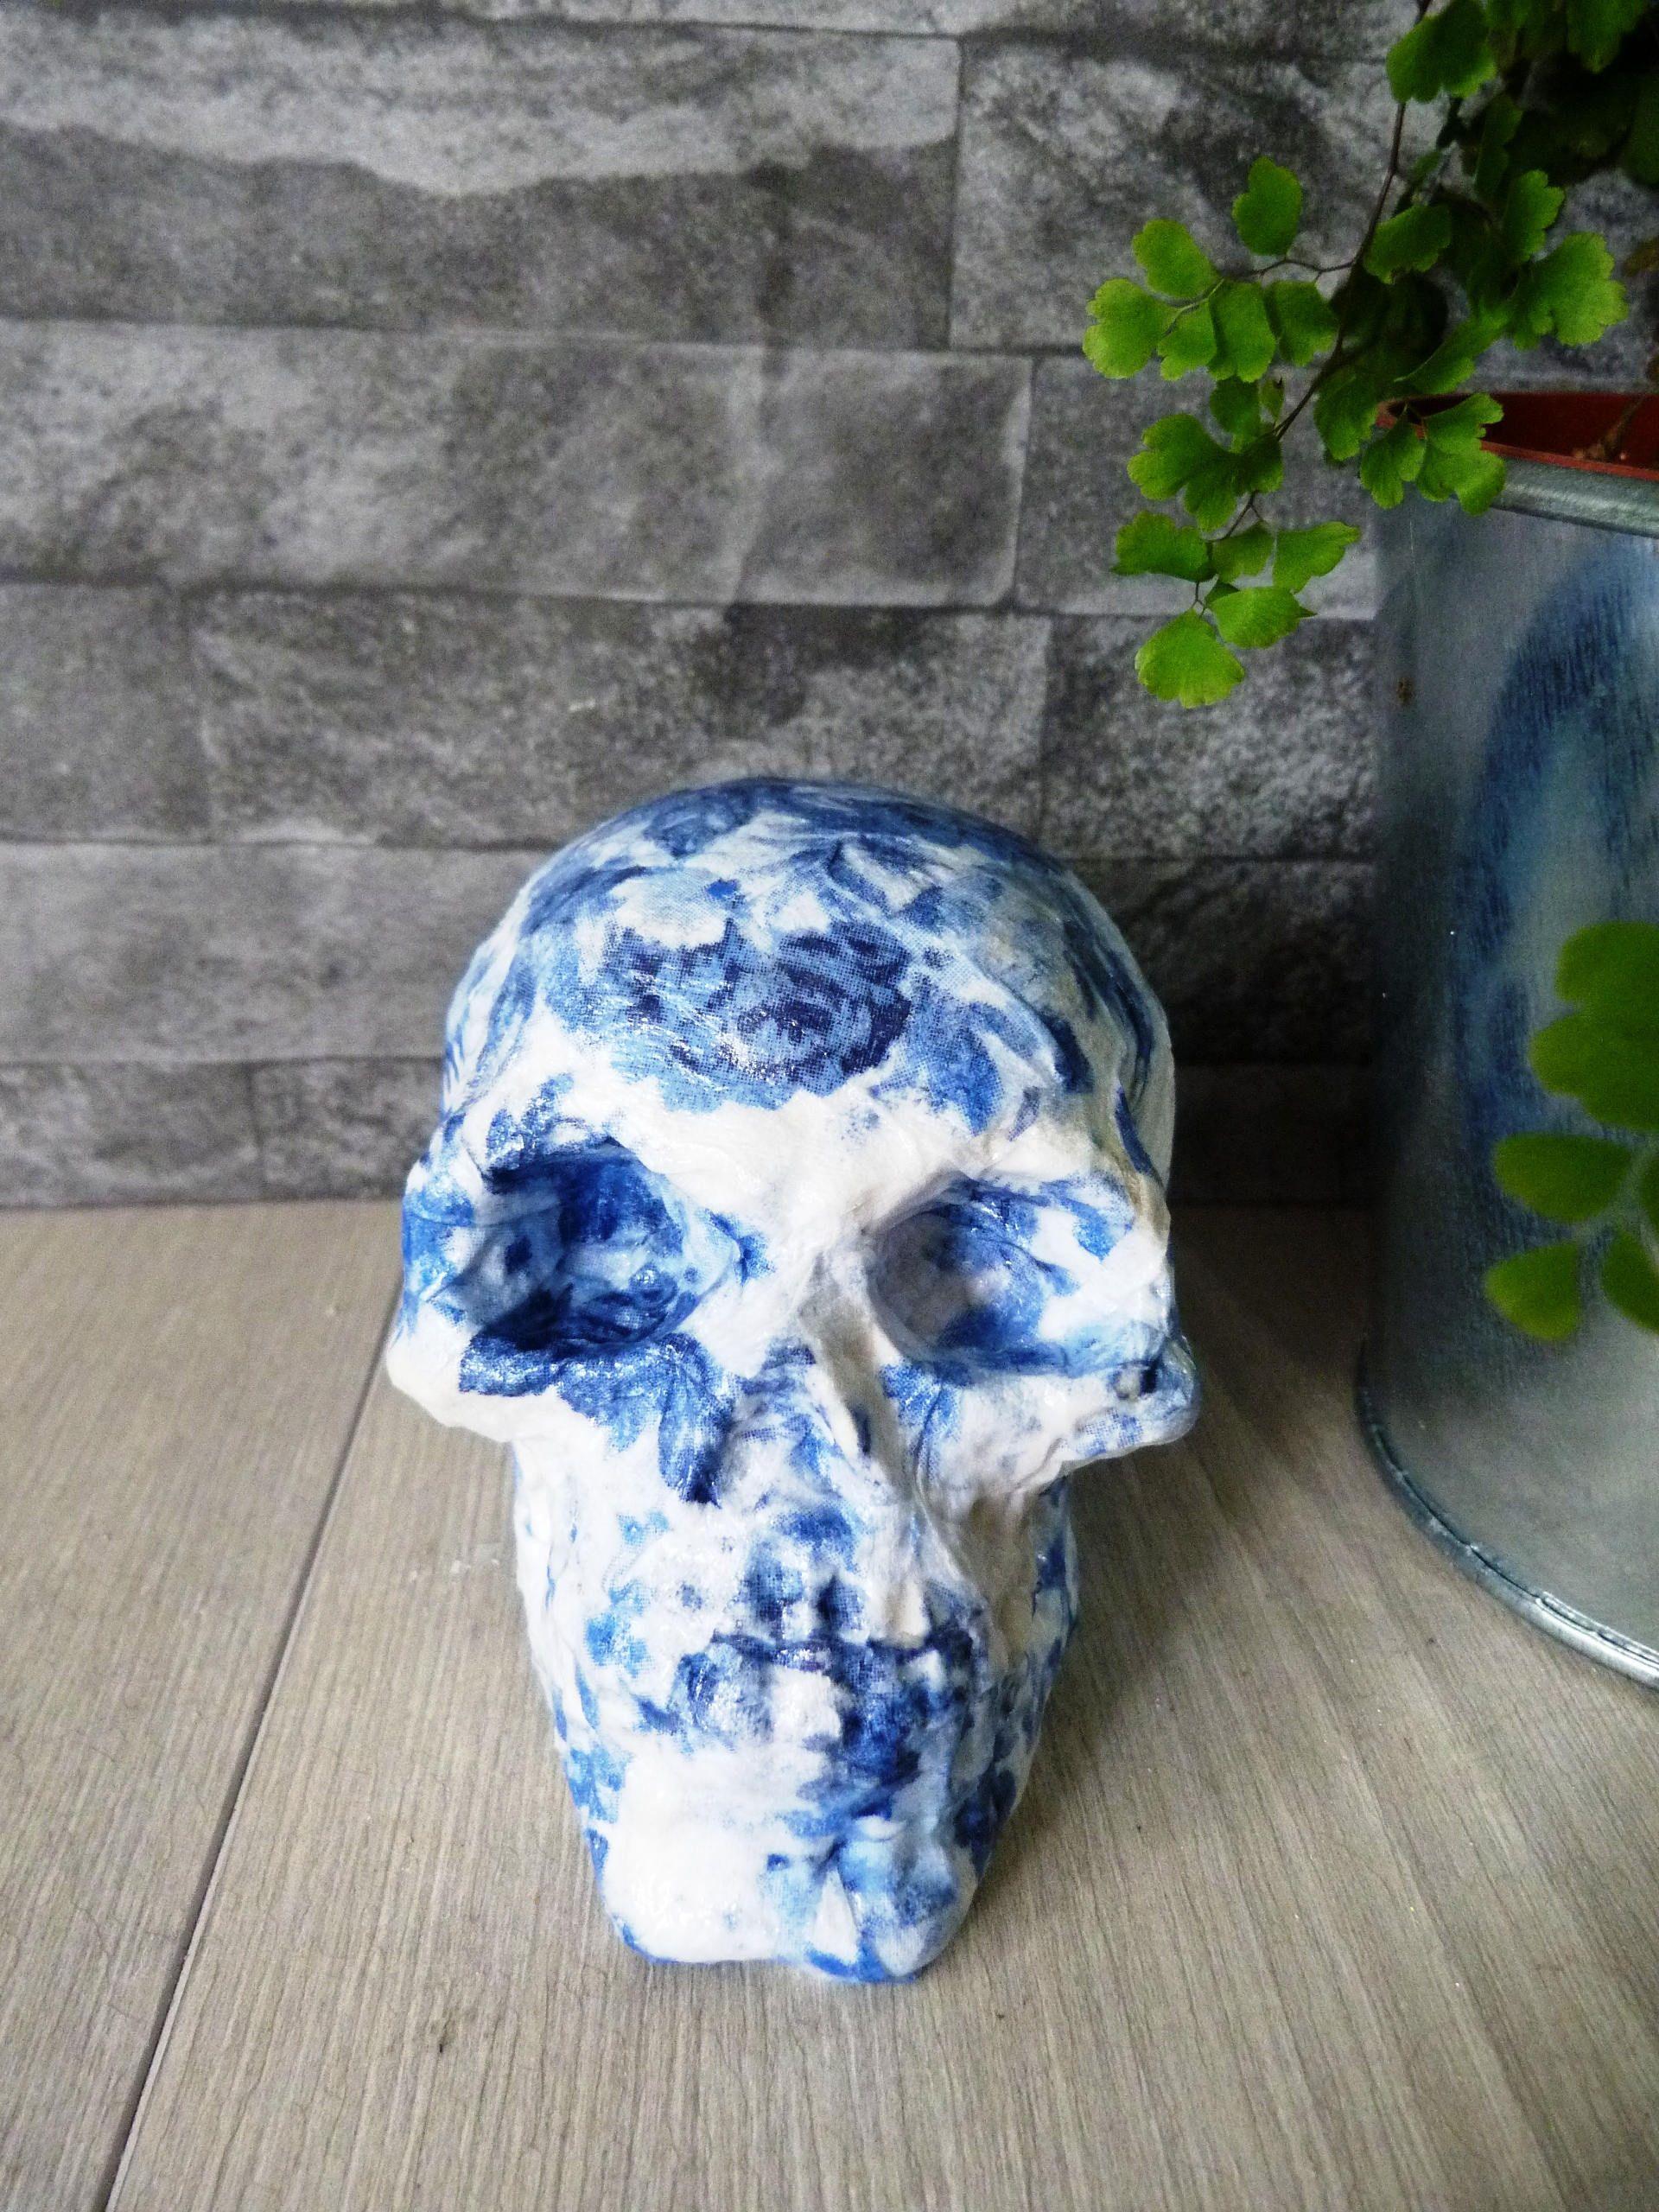 Decoupage Roses skull, blue roses, plaster, decoupaged skull